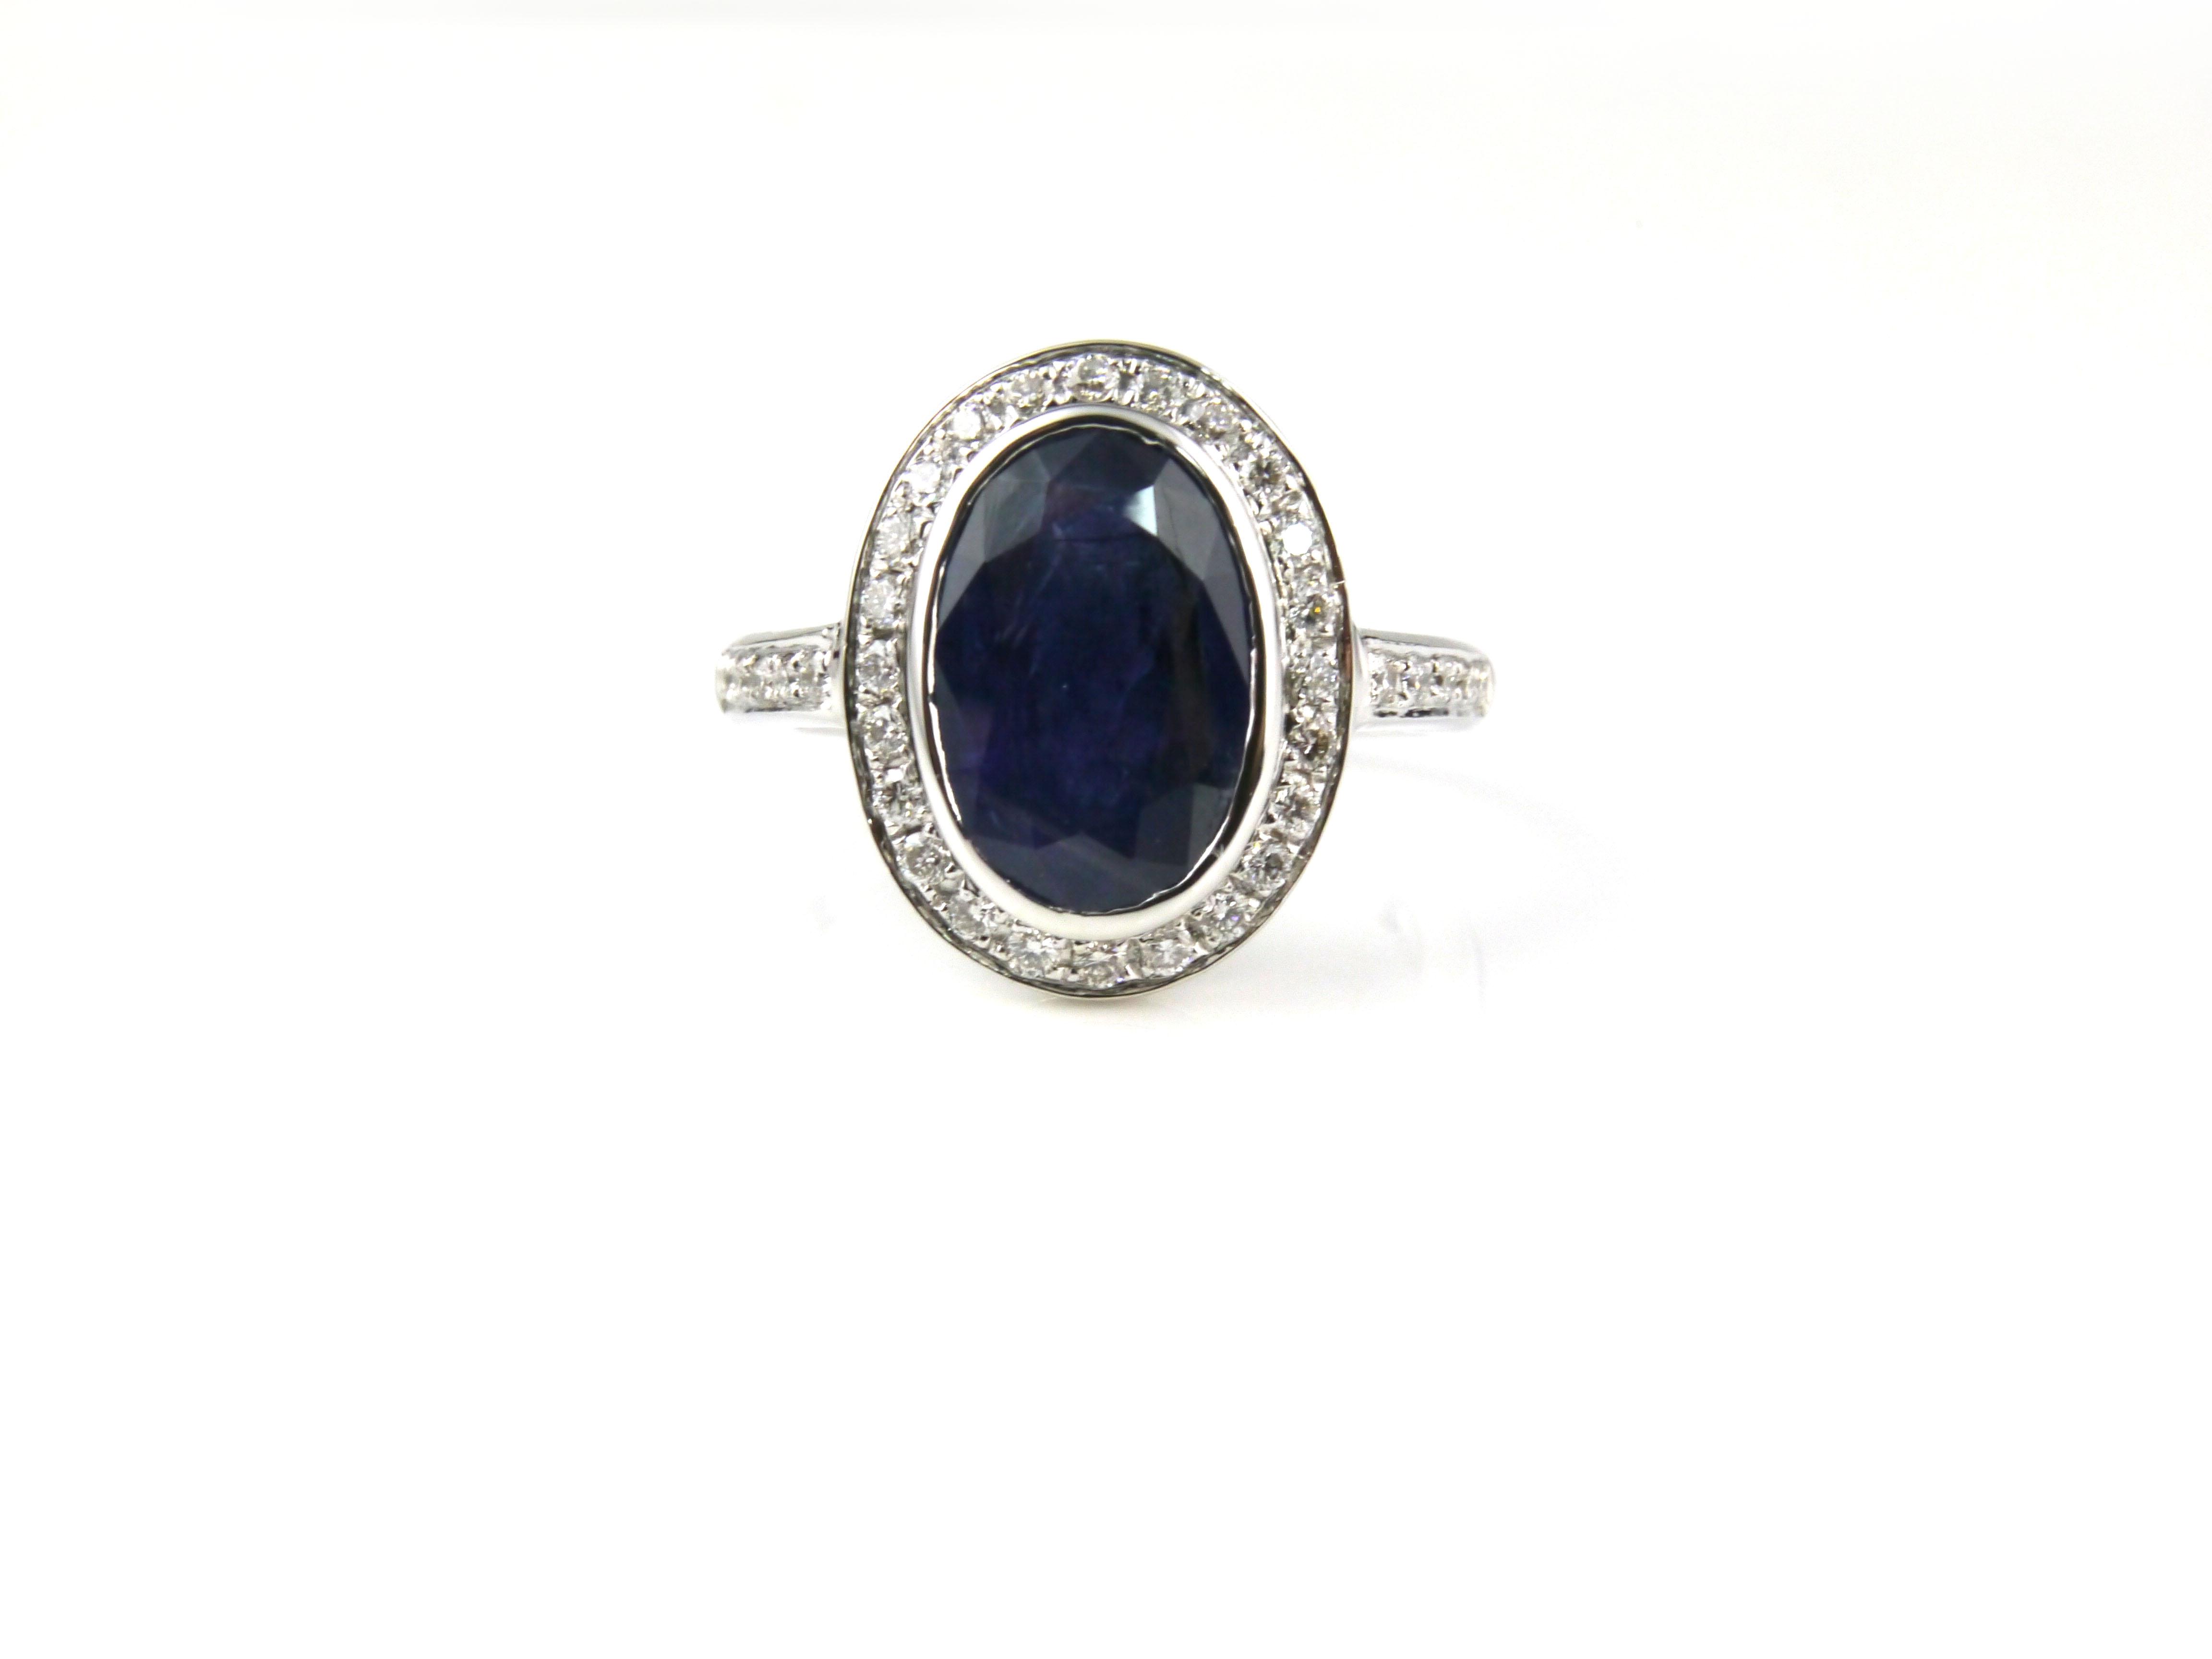 天然藍寶石3.04克拉 鑽石戒指 附GRS證書 Radiant Gems閃亮寶石